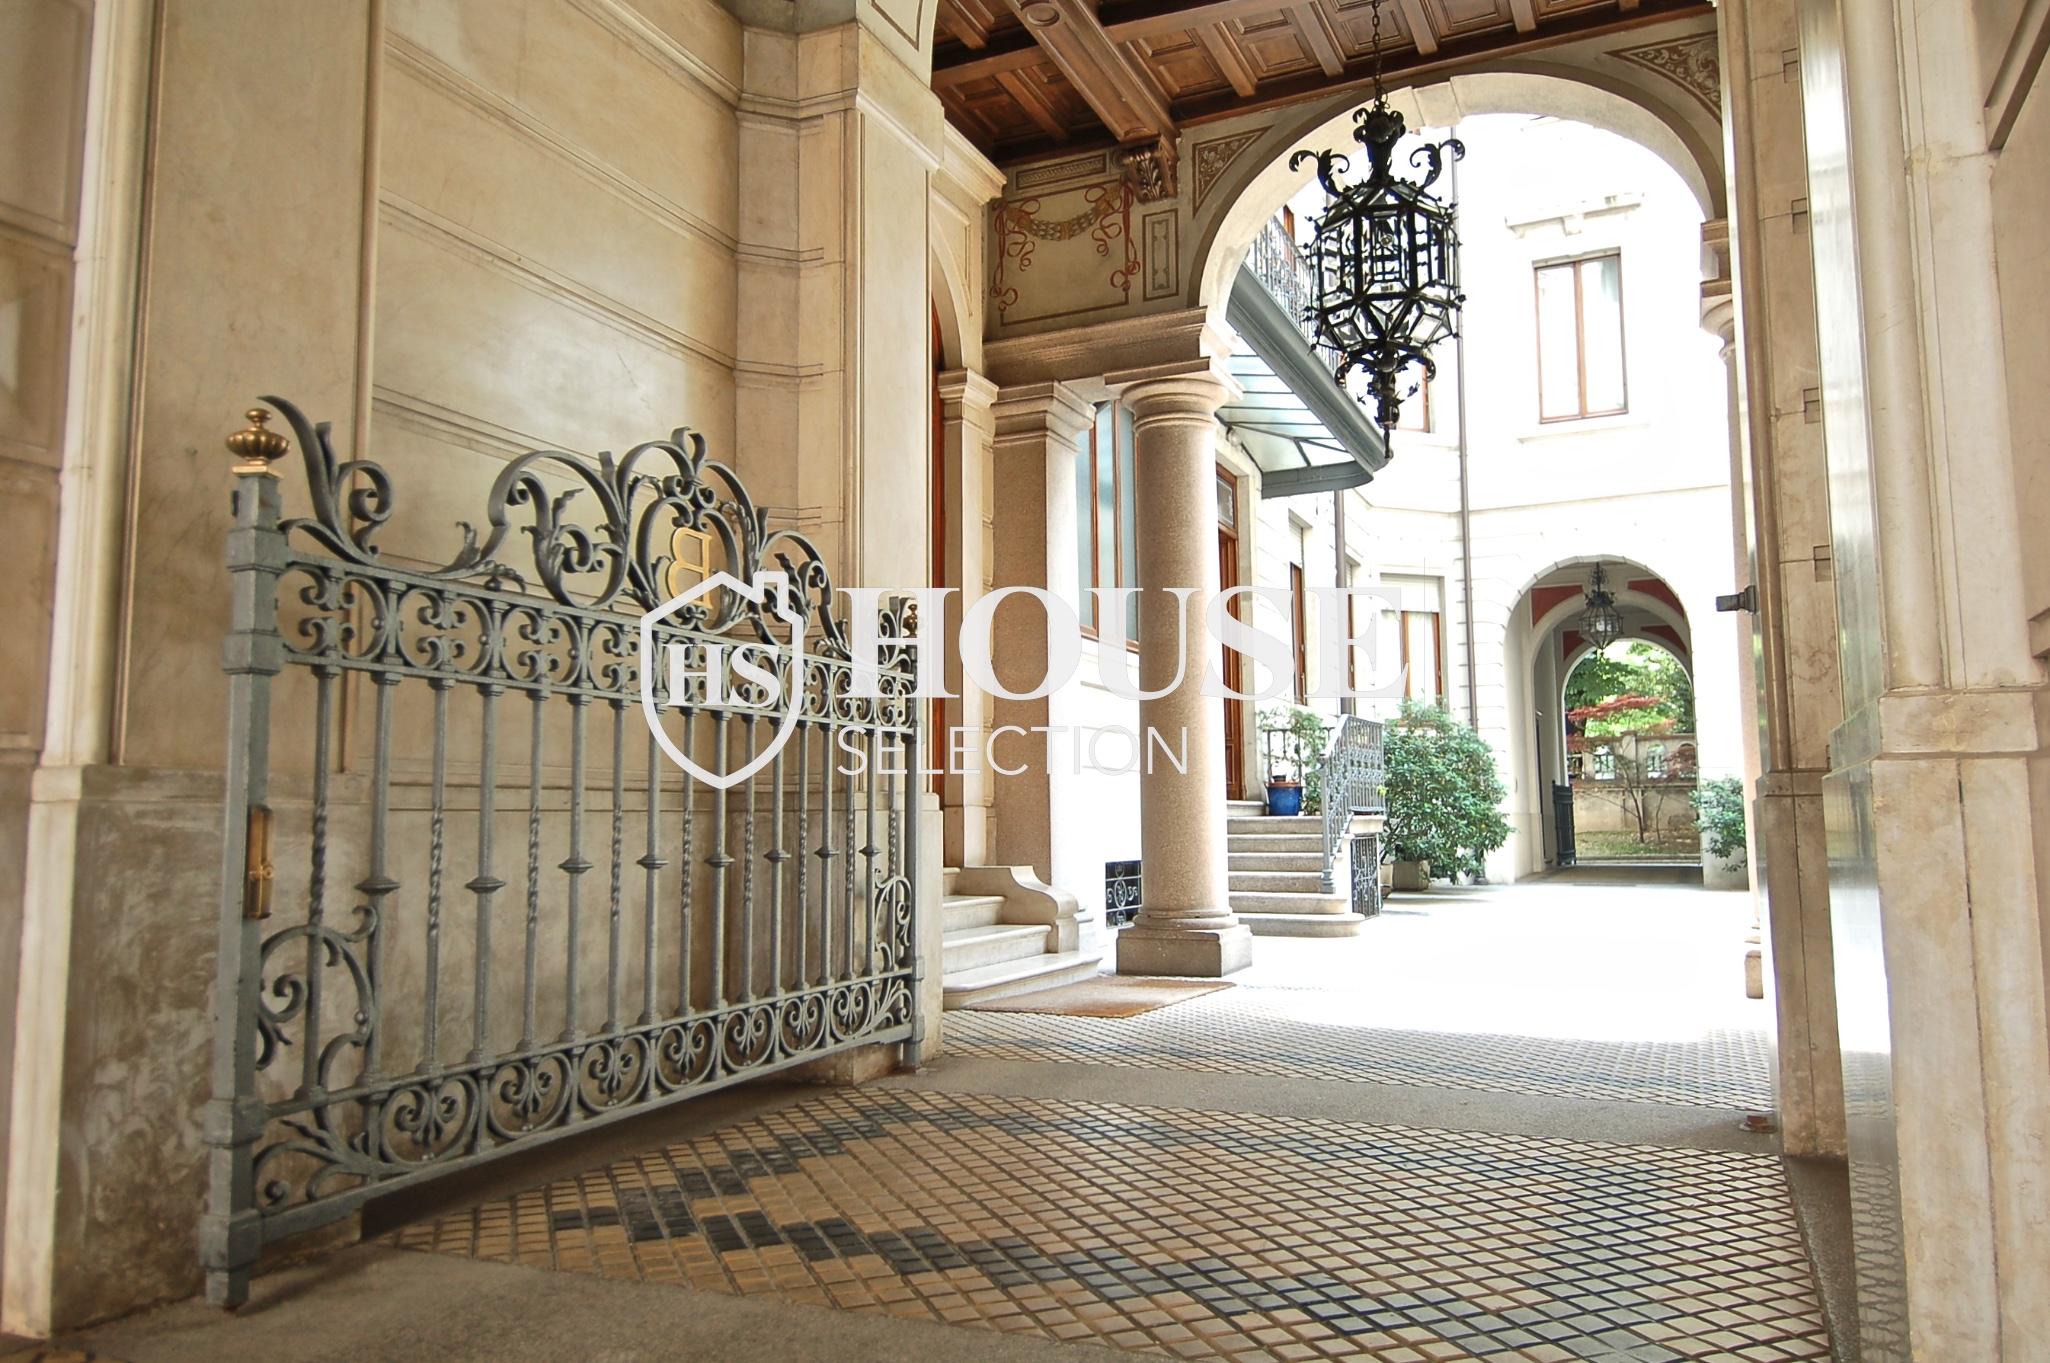 Affitto appartamenti Pagano, mm metropolitana, Mascheroni, stabile epoca, signorile, posto auto, Milano 1